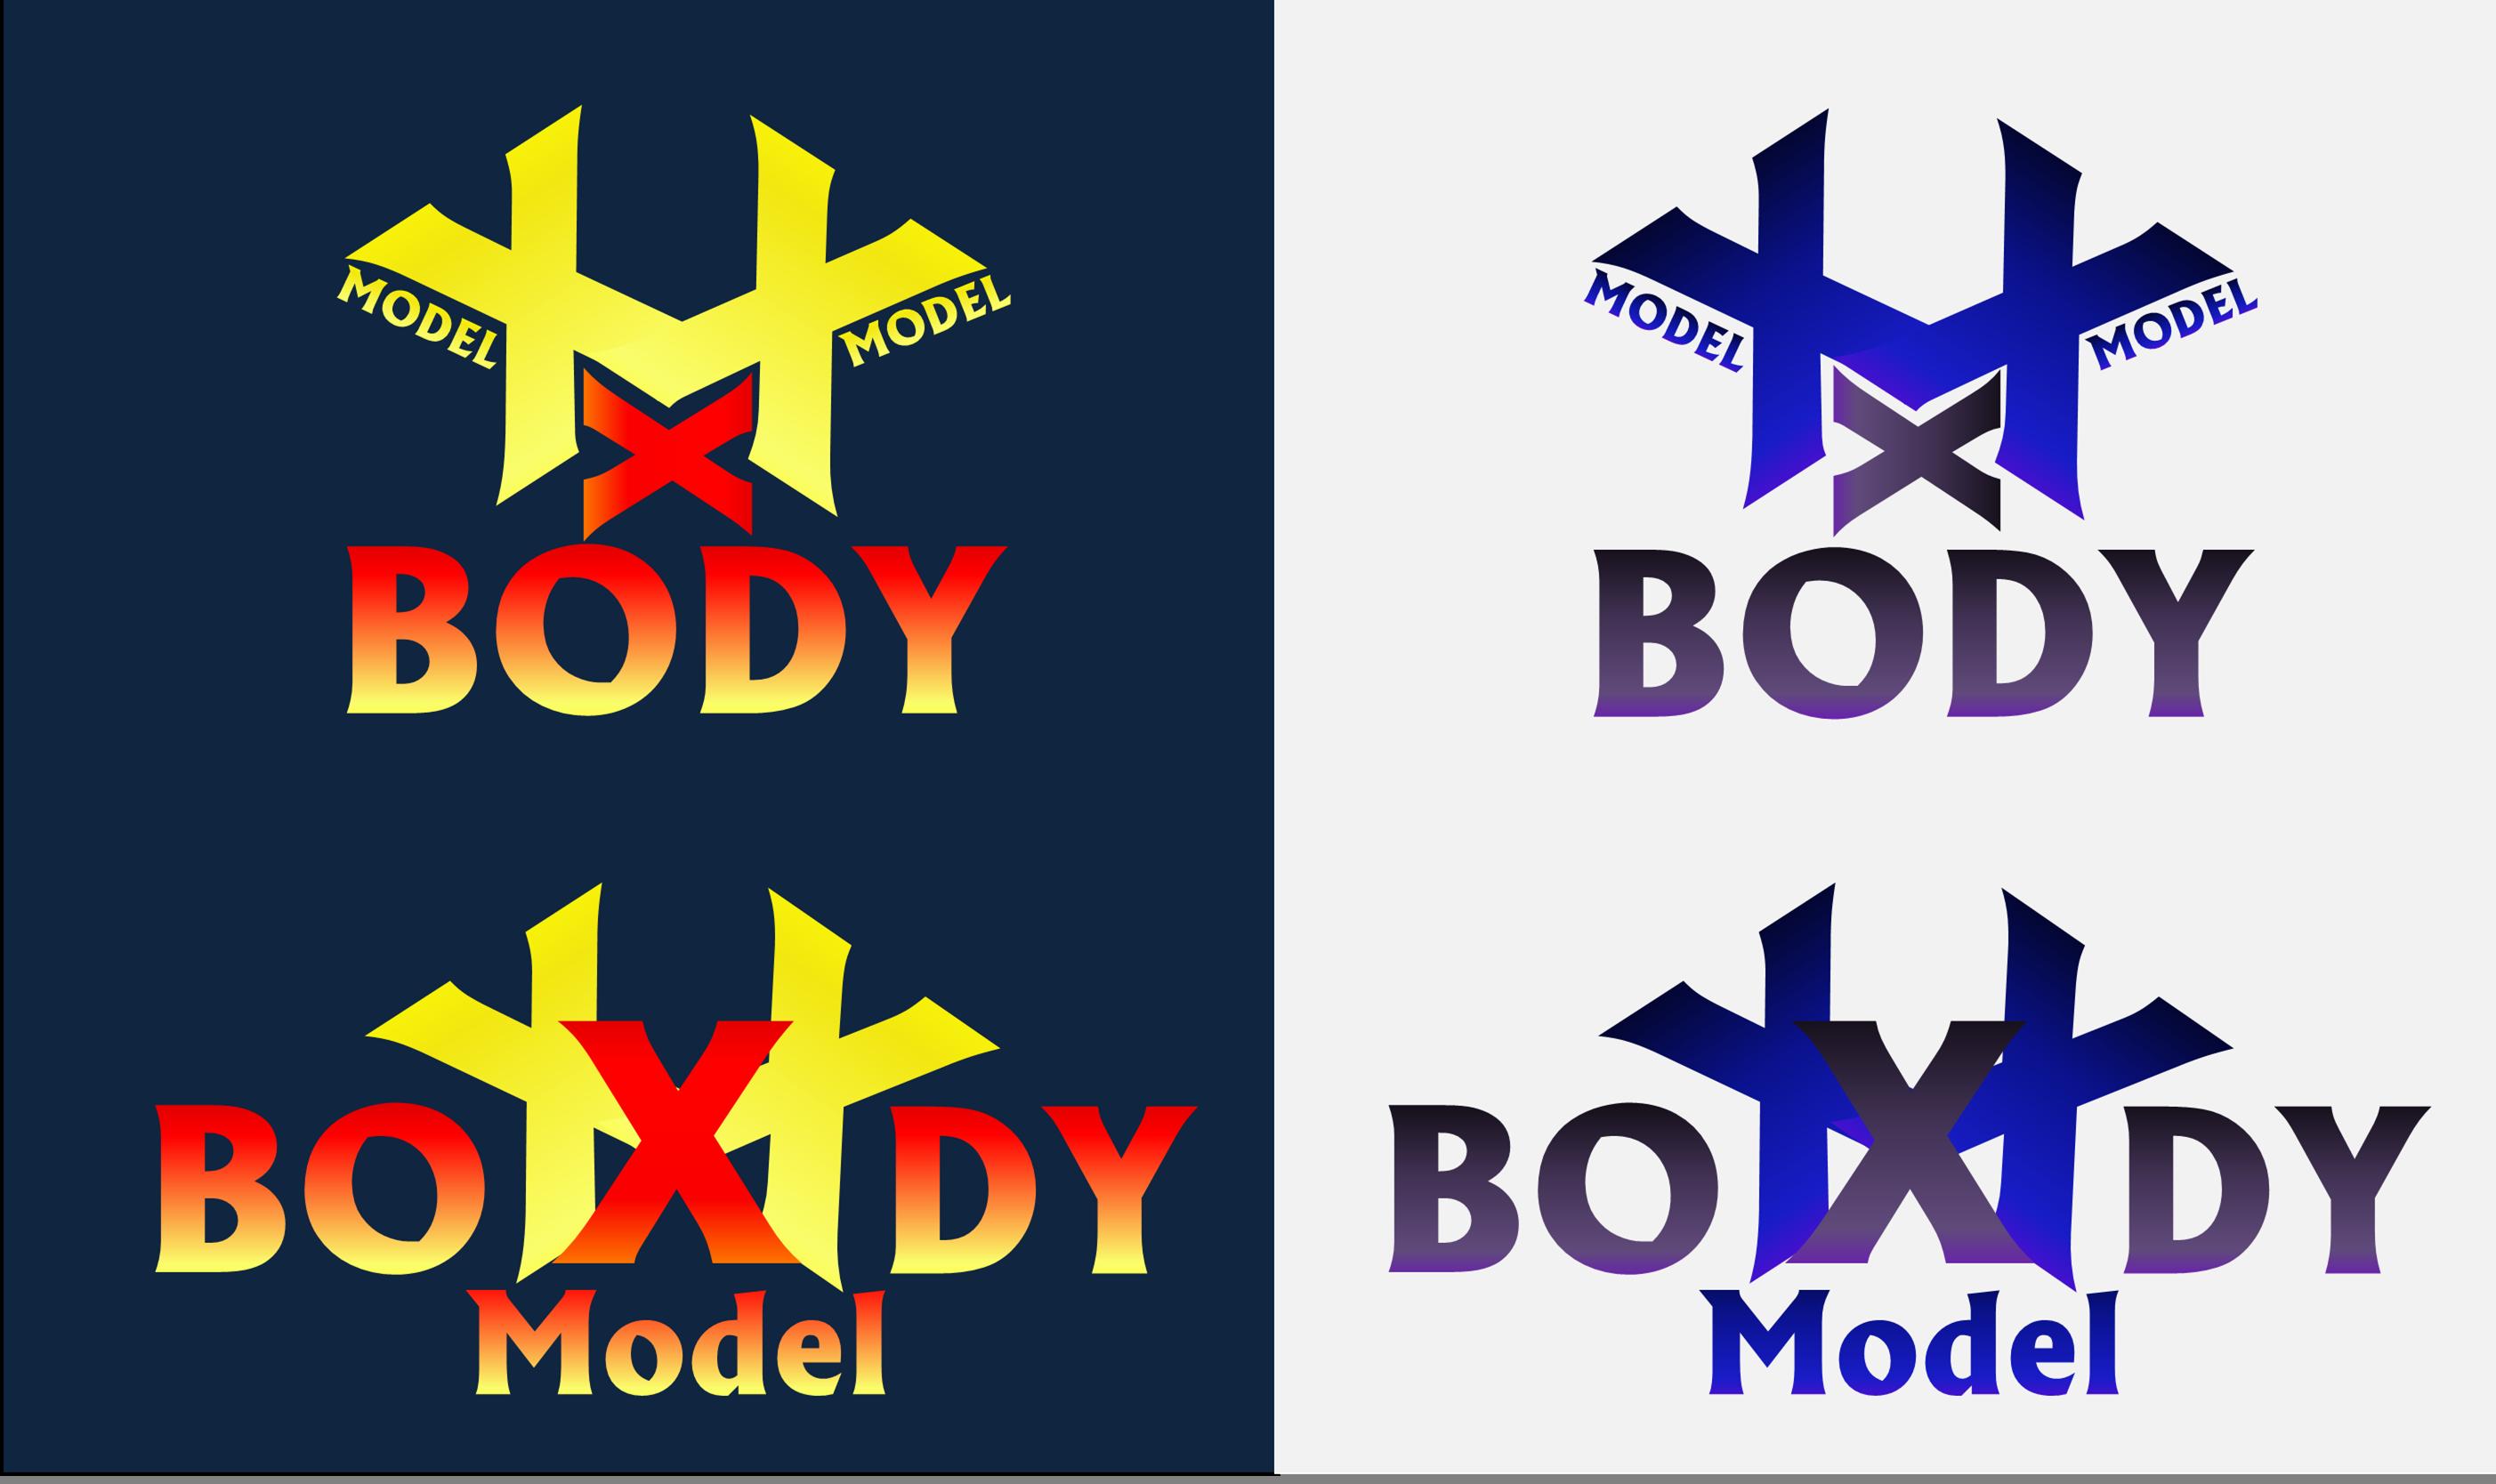 Разработка логотипа (видеоблог для моделей) фото f_7685b26c8eae8a8e.png